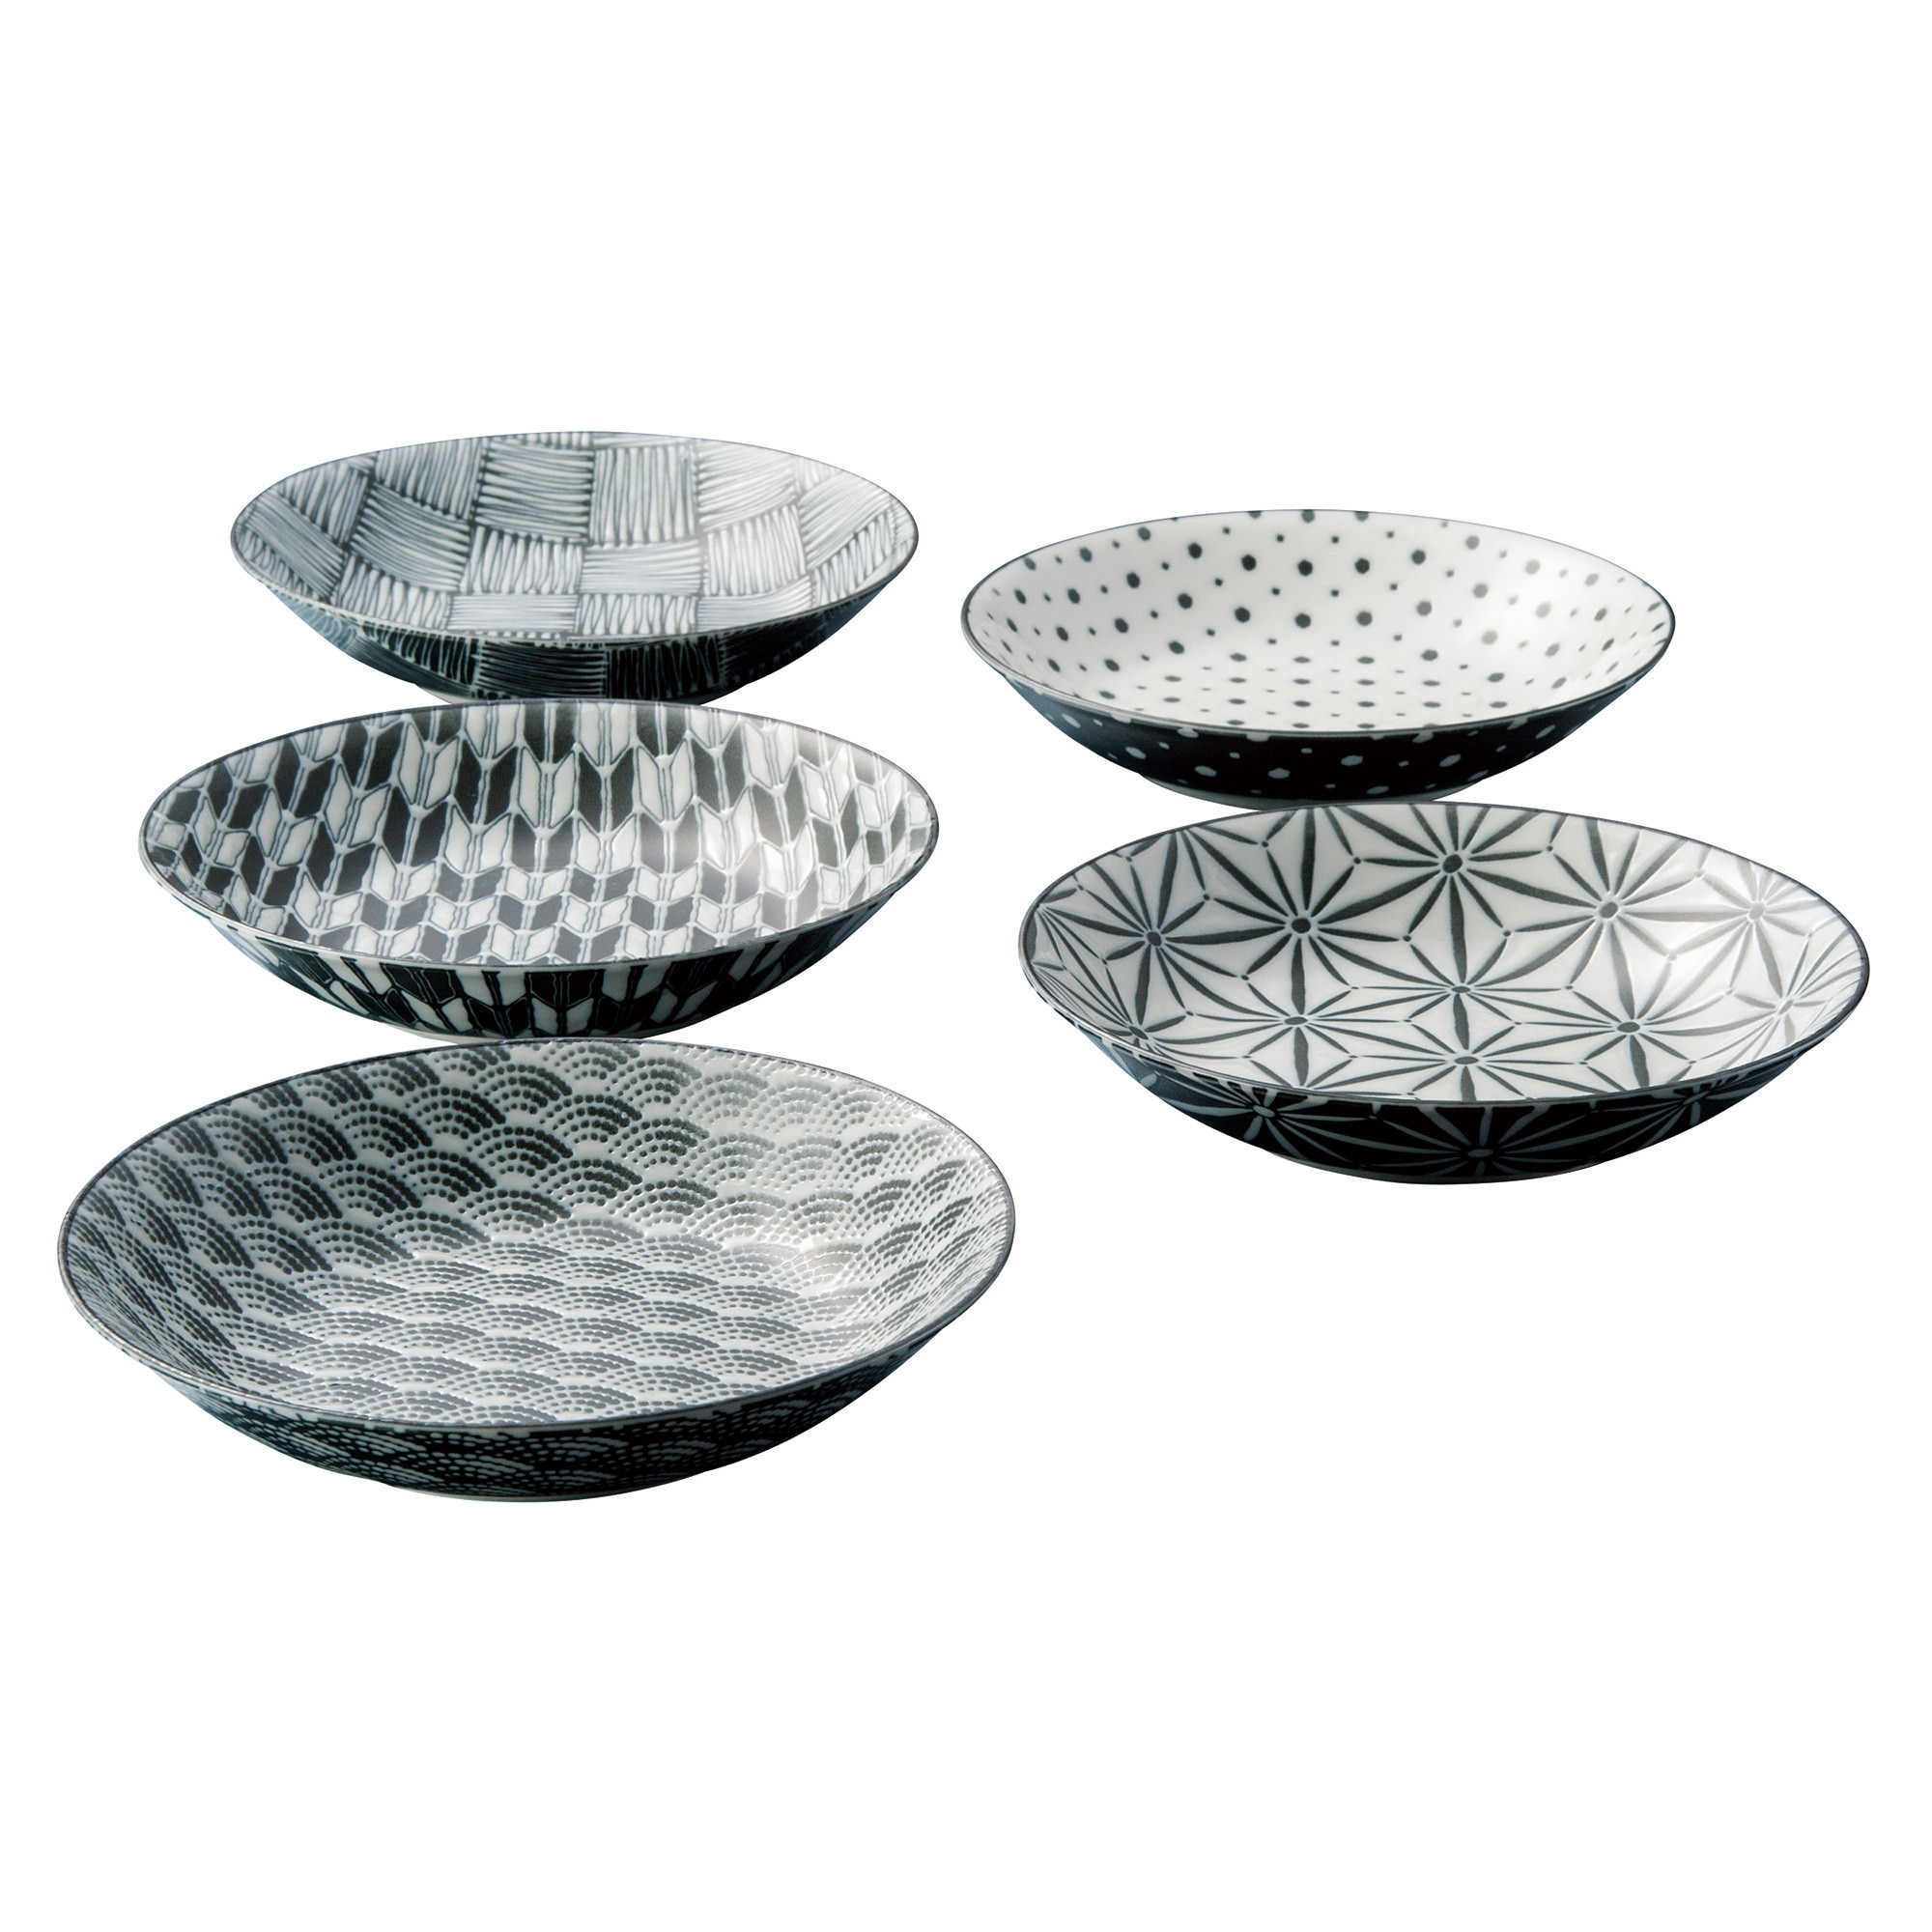 Komon 5 Piece Porcelain Coupe Soup Plate Set